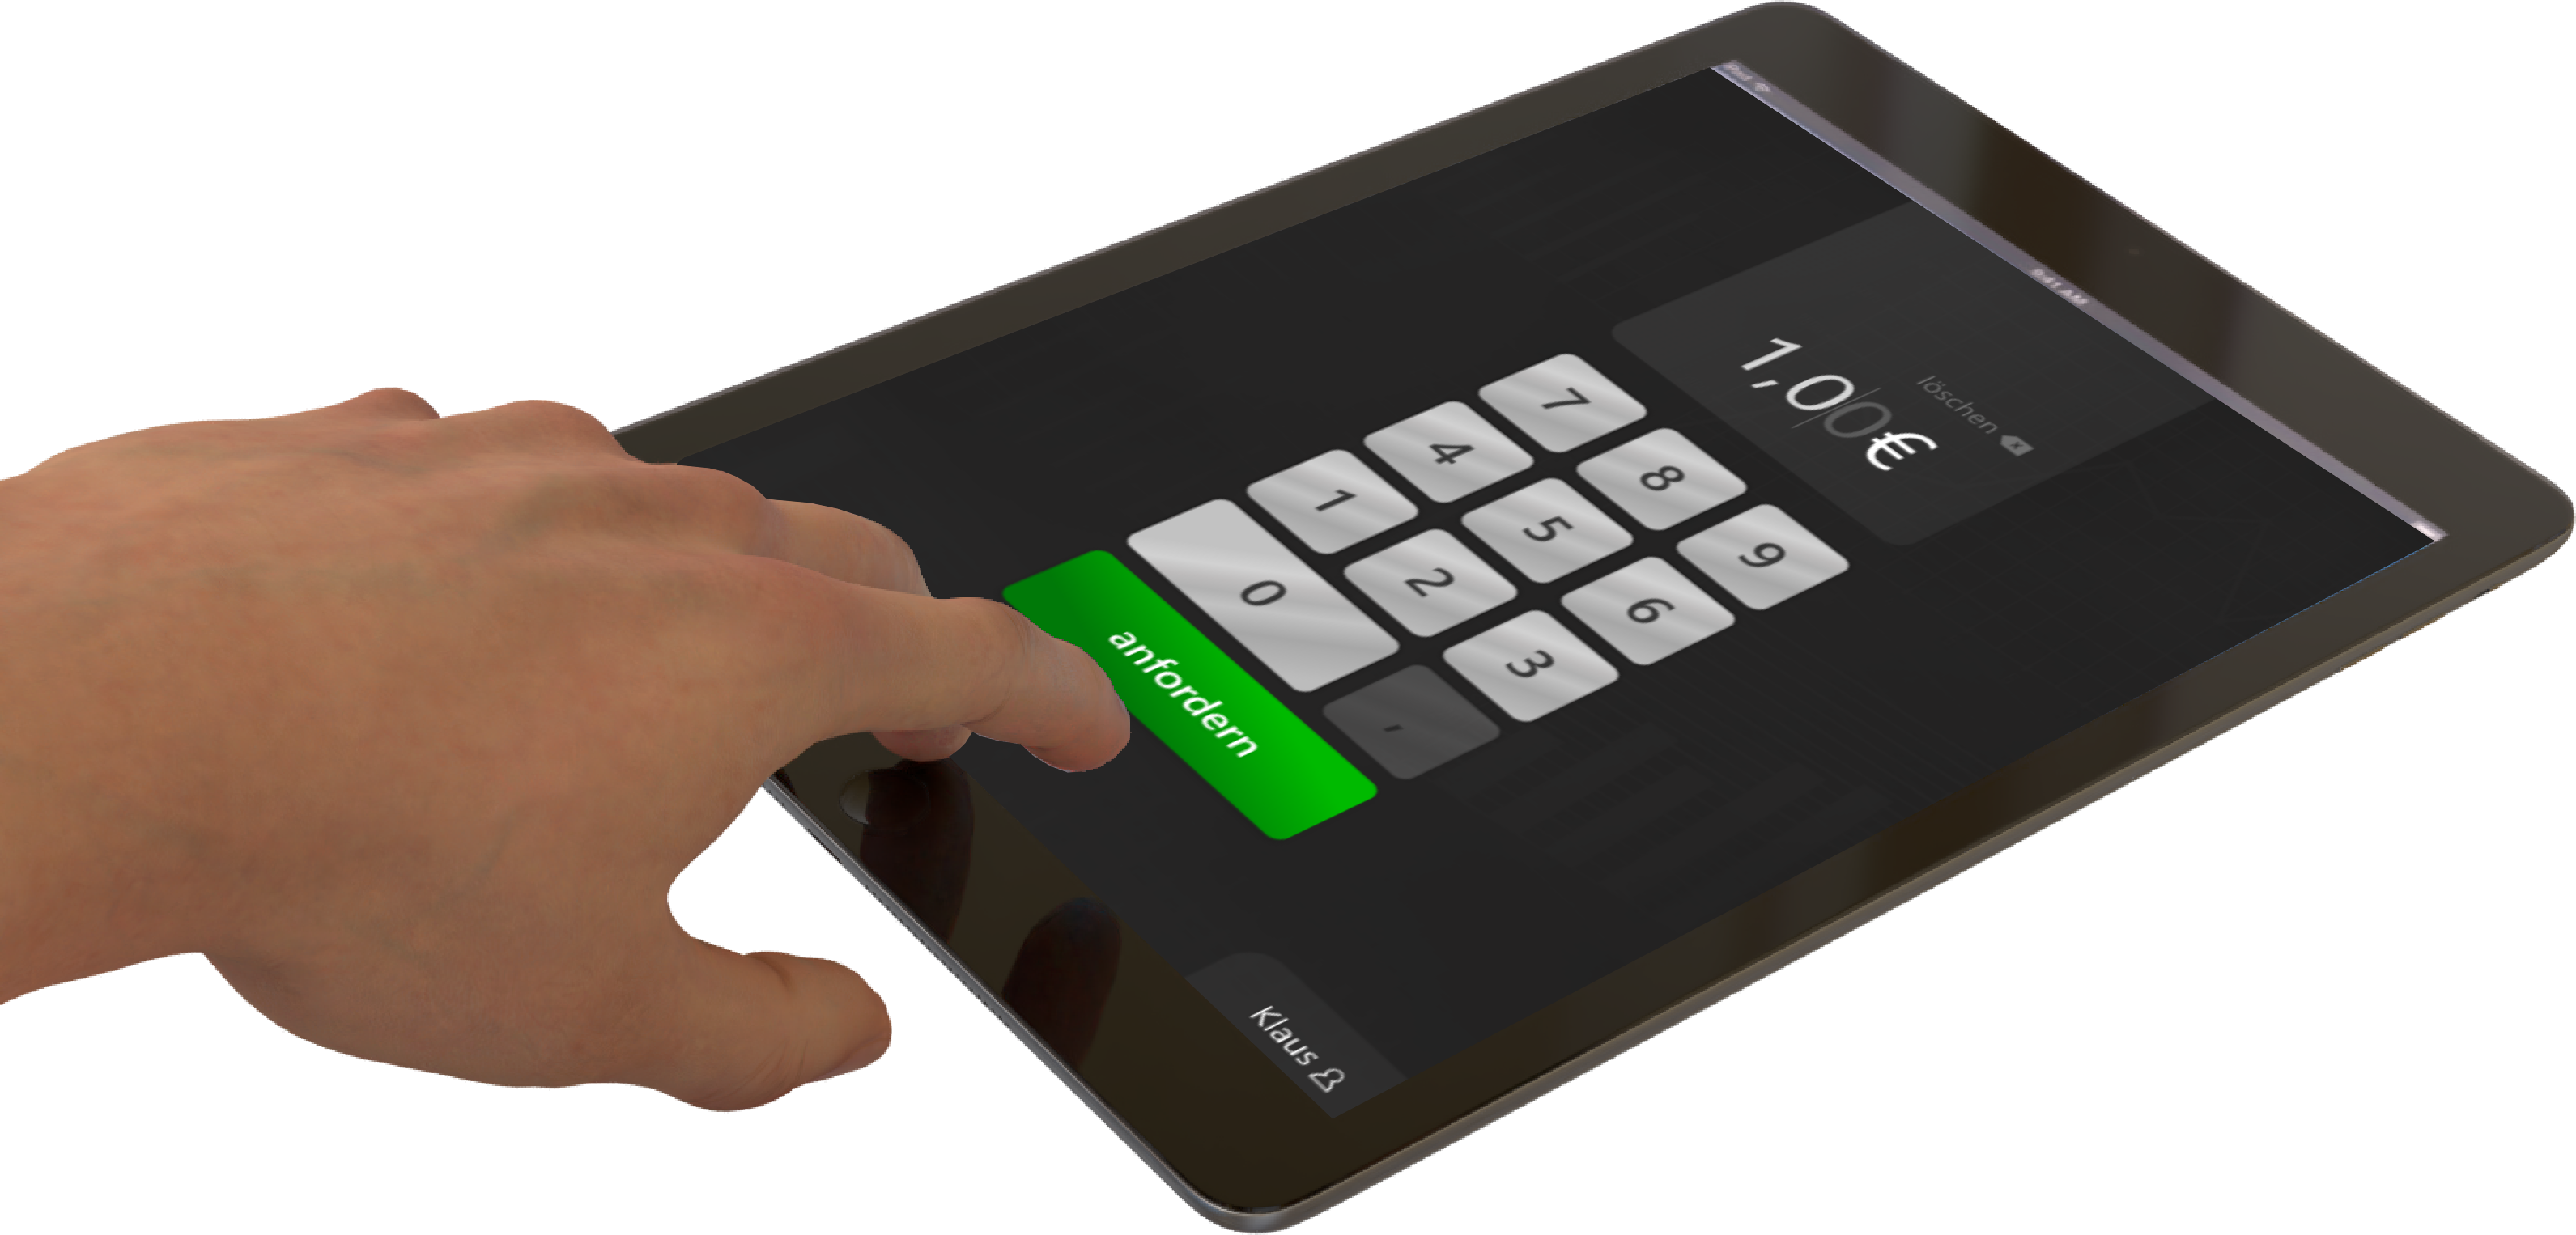 Kassierer tippt Zahlbetrag wie beim Kartenterminal am Tablet bei QRPay24 ein